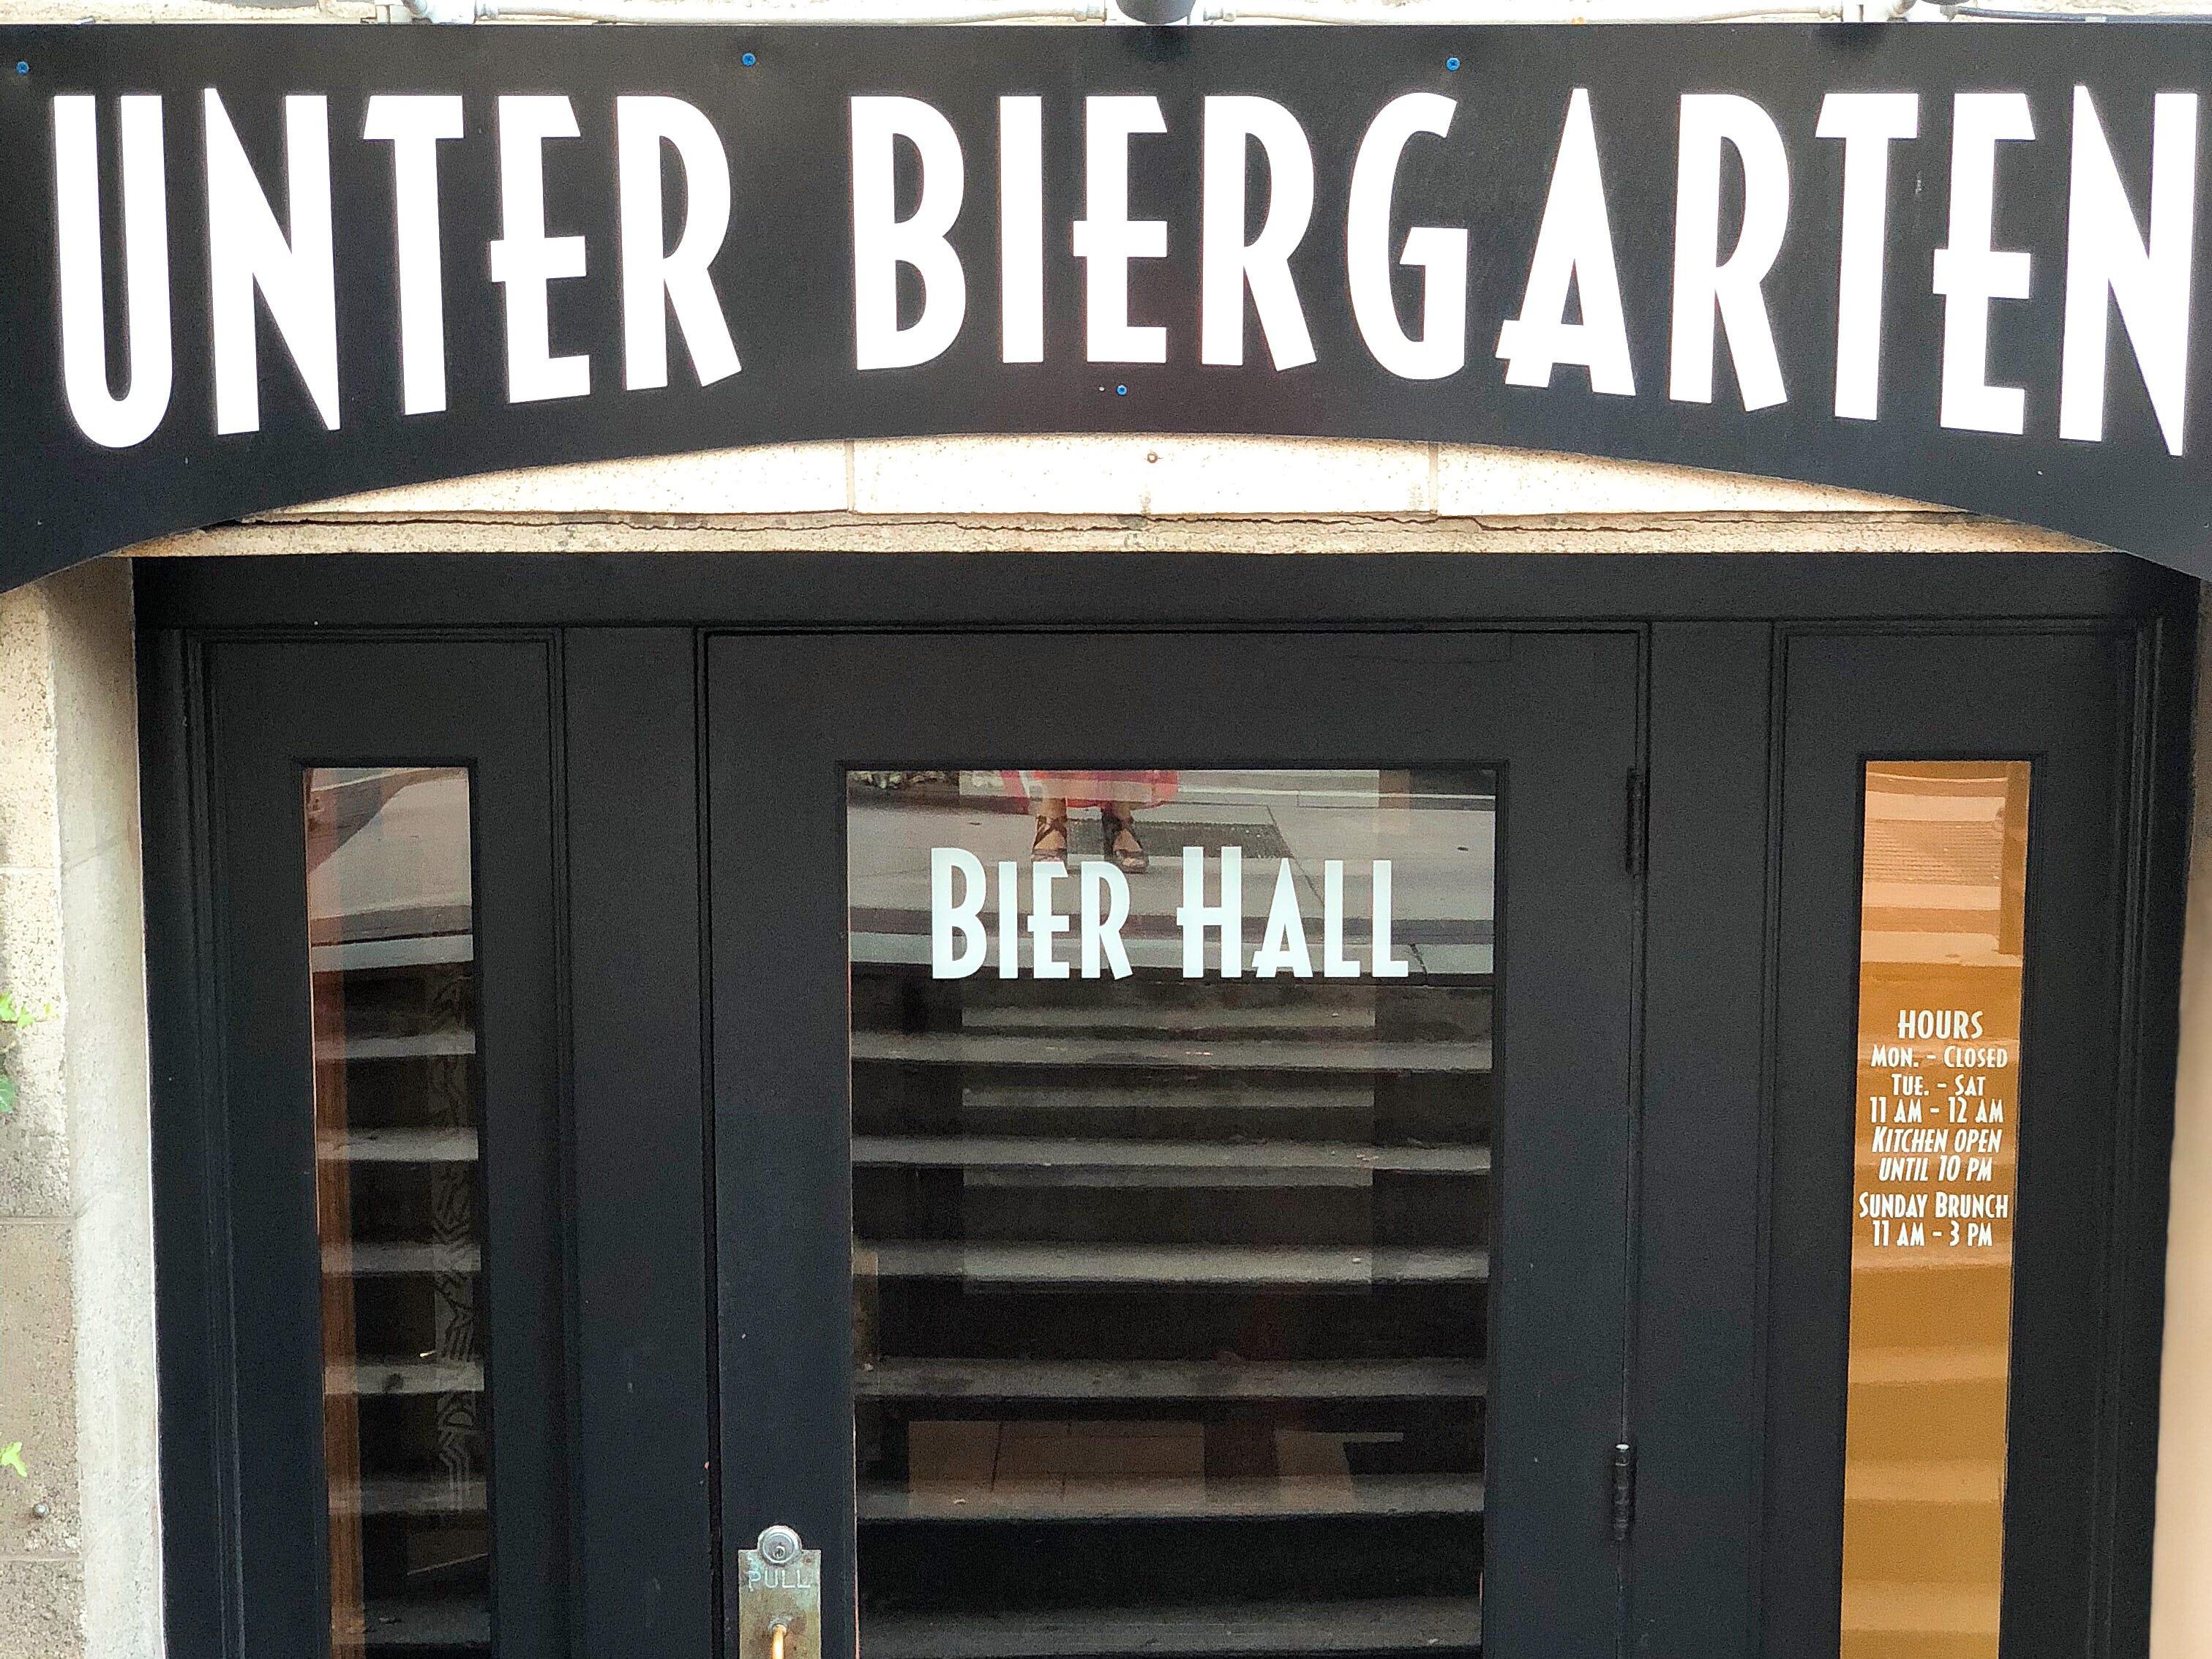 Unter Biergarten succeeds a Belgian beer bar.